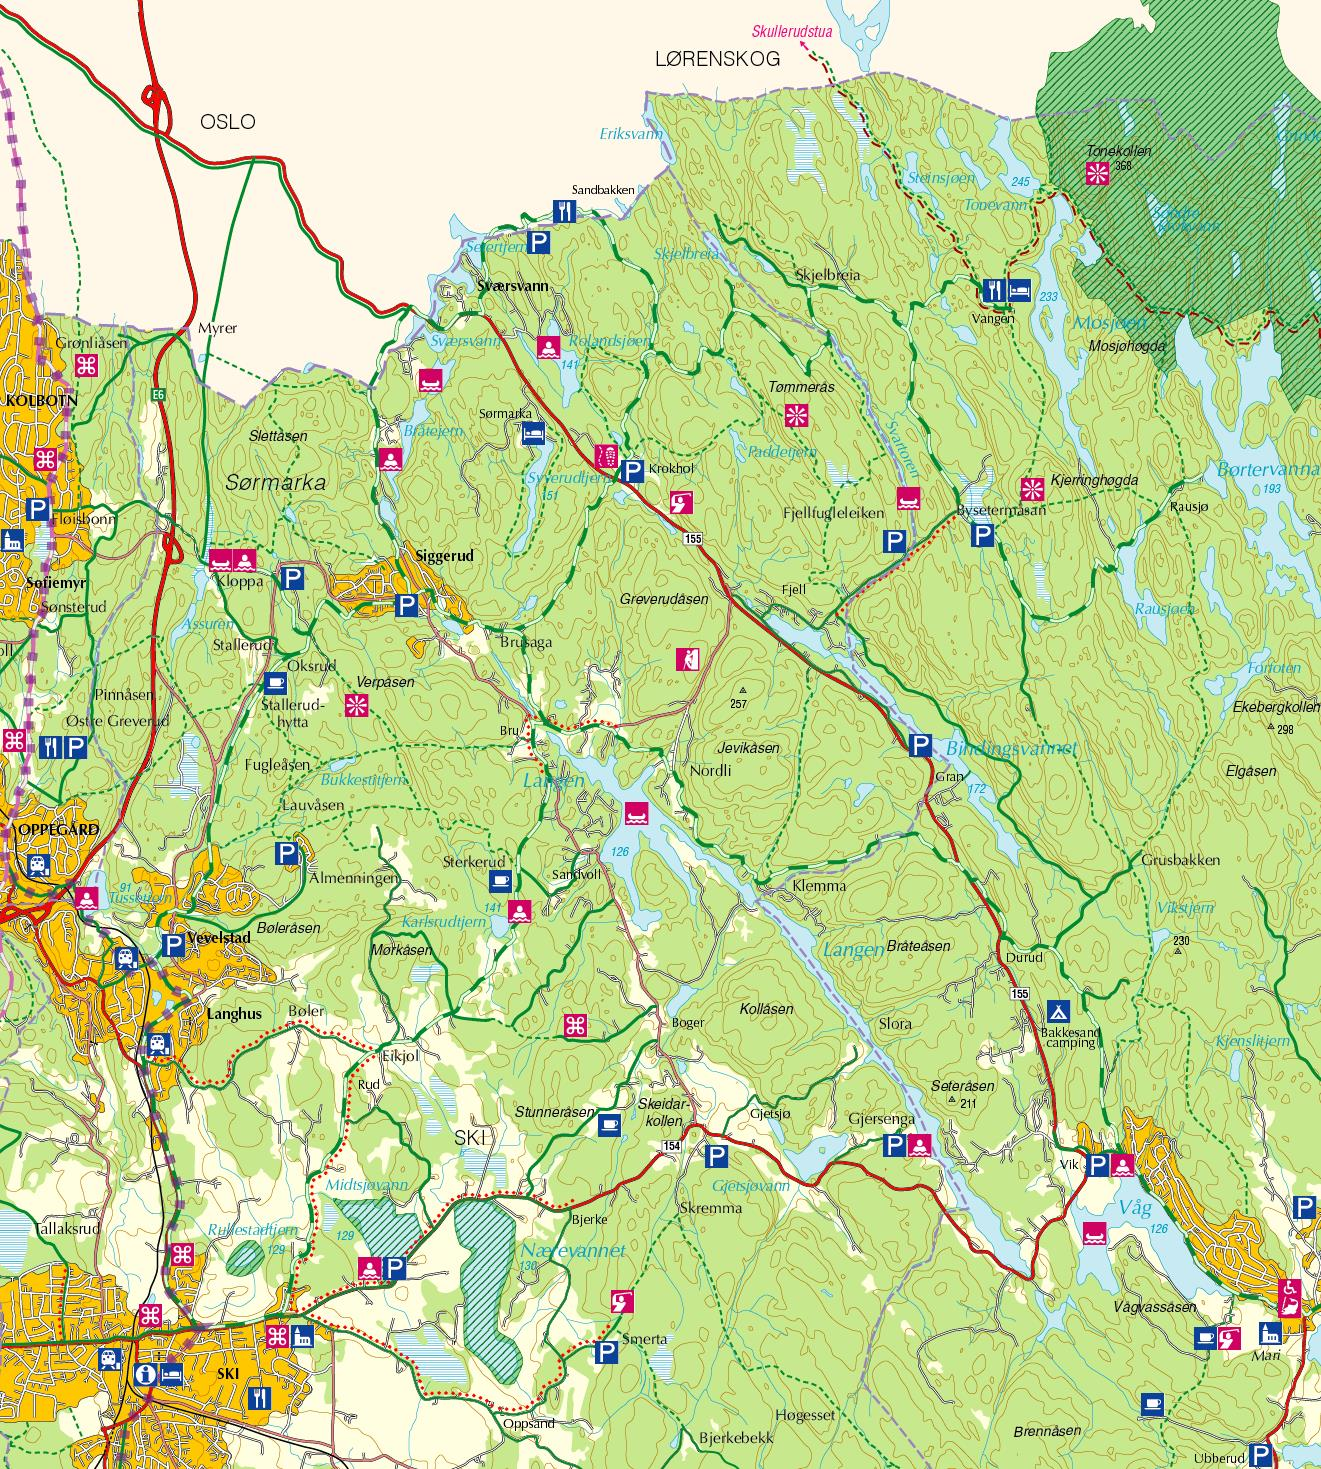 kart over enebakk Tips for sykling og vandring   Tips   Se & gjøre   akershus.com kart over enebakk